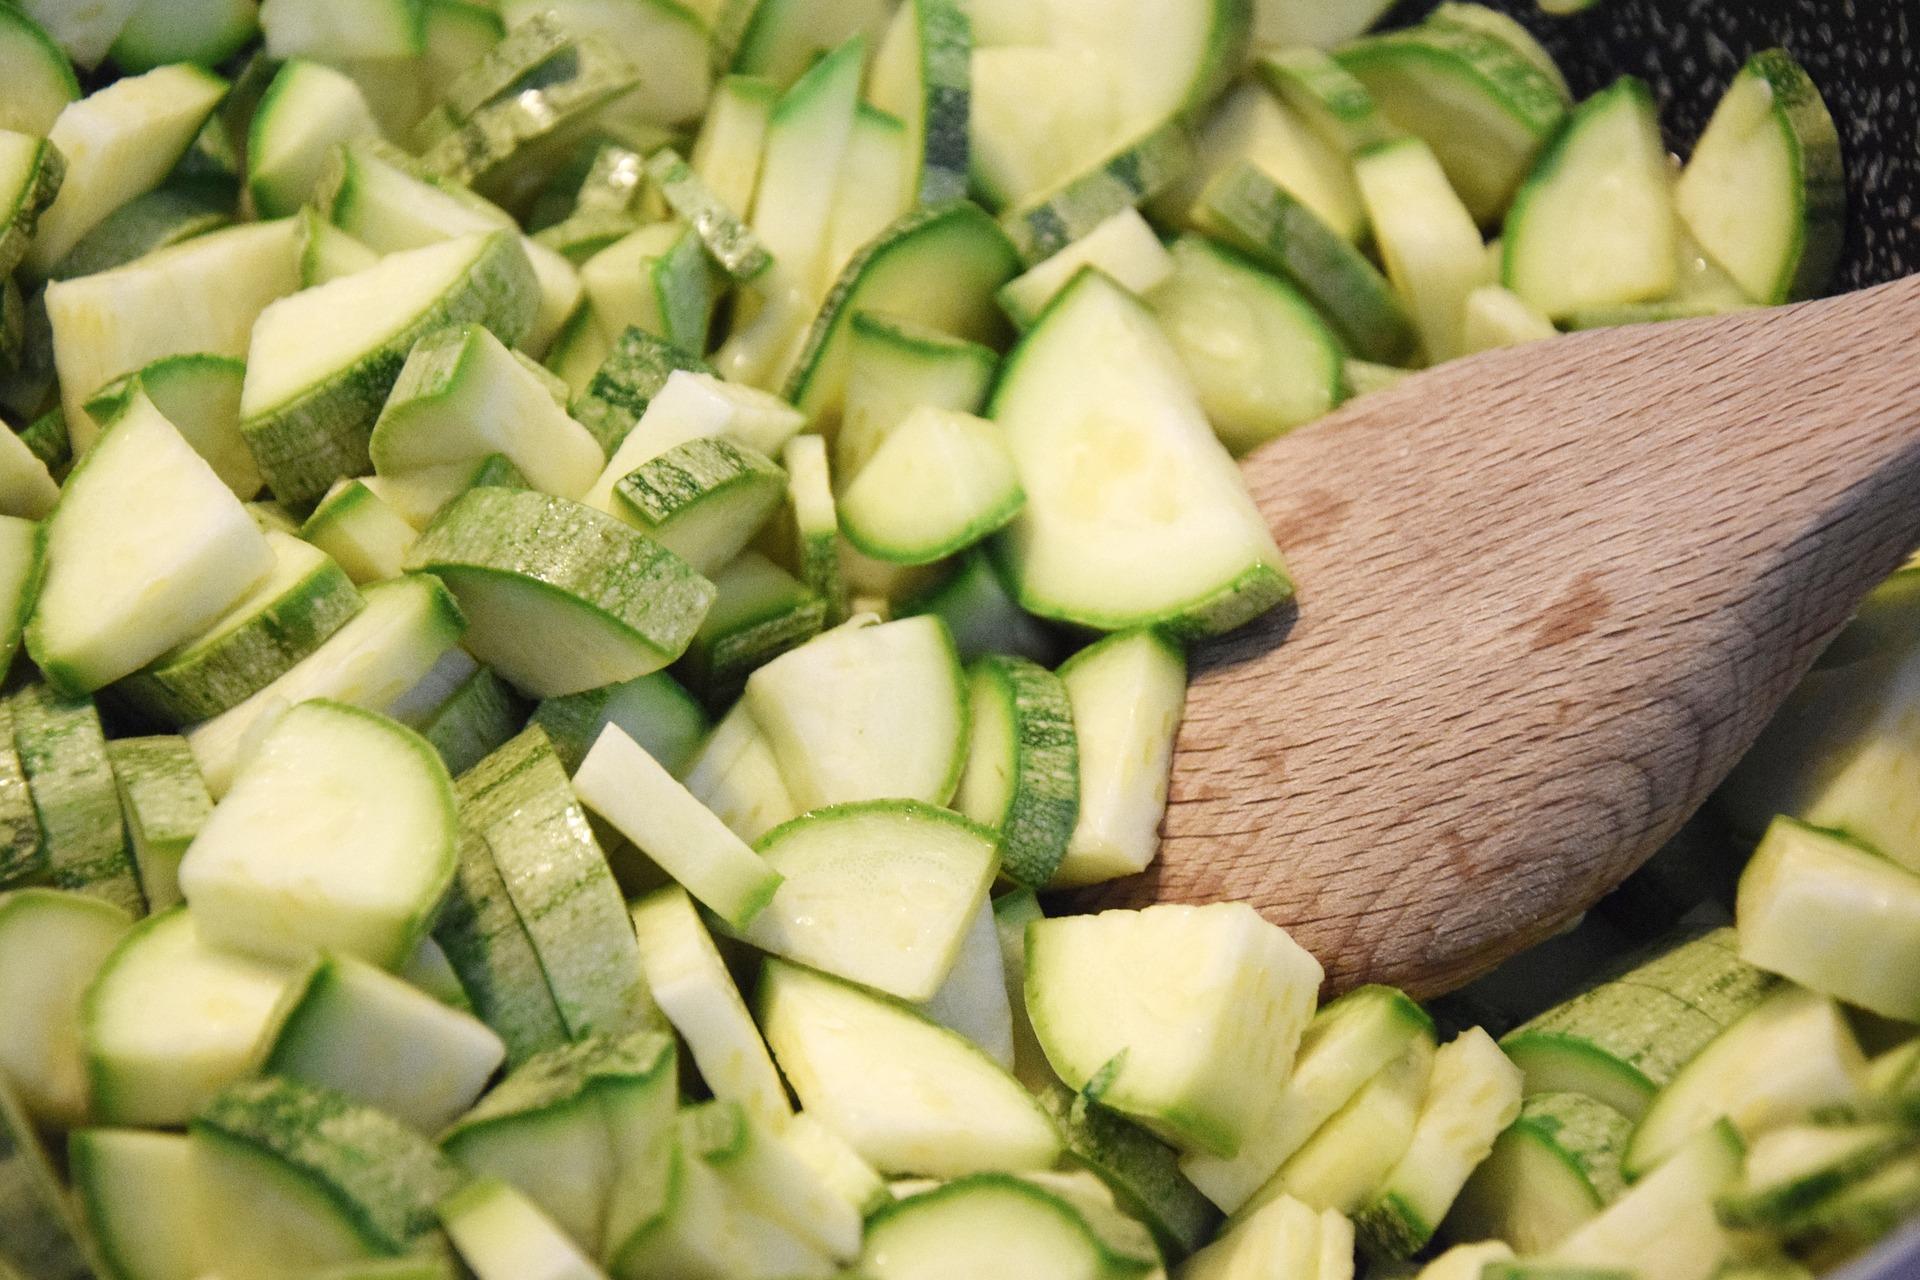 ZUCCHINA - La zucchina è un ortaggio estivo fresco e leggero. Contiene poche calorie (ca. 21 kcal per 100 gr di prodotto), è molto ricca di vitamina A e sali minerali, essendo composta per più del 90% di acqua. Si possono preparate piatti freddi come insalate di pasta o a base di altre verdure. Meglio non cuocerle eccessivamente per non perdere tutto il contenuto d'acqua e non distruggere i sali minerali presenti.